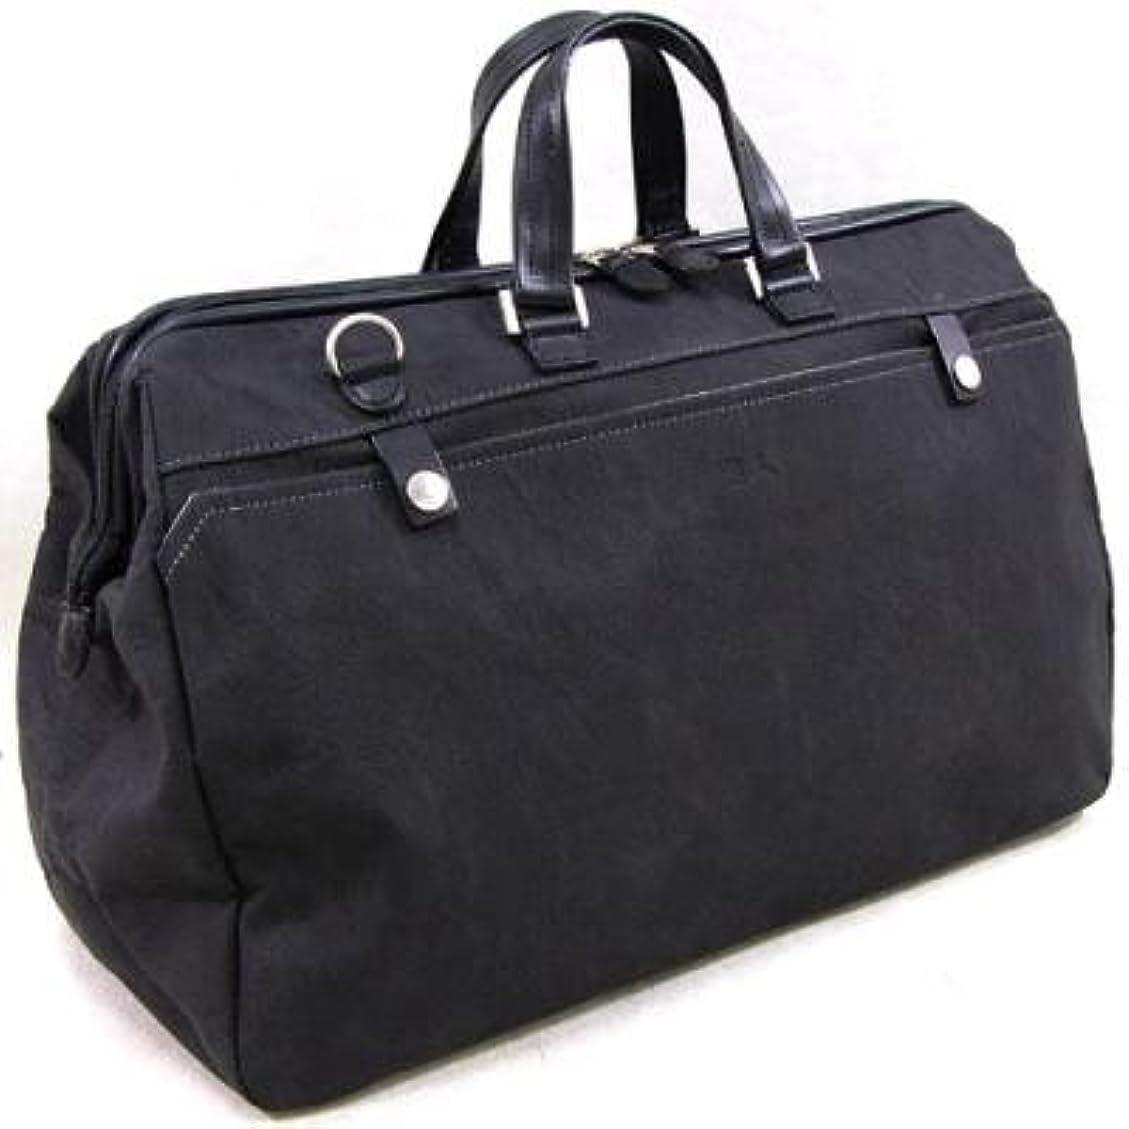 アンタゴニスト修理可能熱帯のおしゃれ/カバン 旅行 ボストンバッグ 珍しいバックスキン調の人工皮革製です 素敵,な 織人チャックボストンバッグ 国産 トラベルバッグ 本革付属 ブラック(黒)